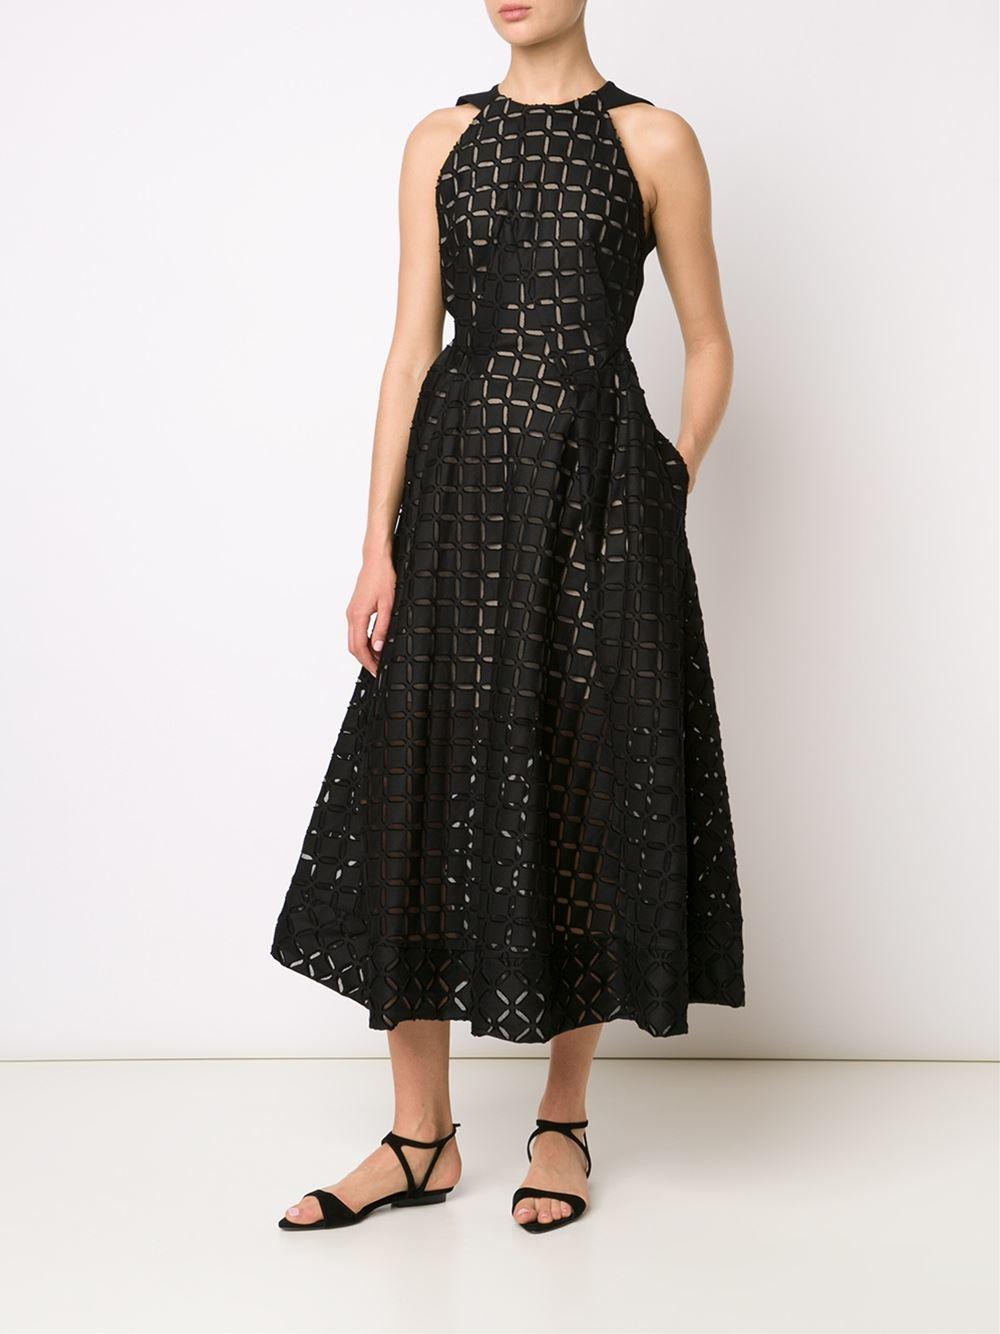 Roland mouret 'baldry' Dress in Black